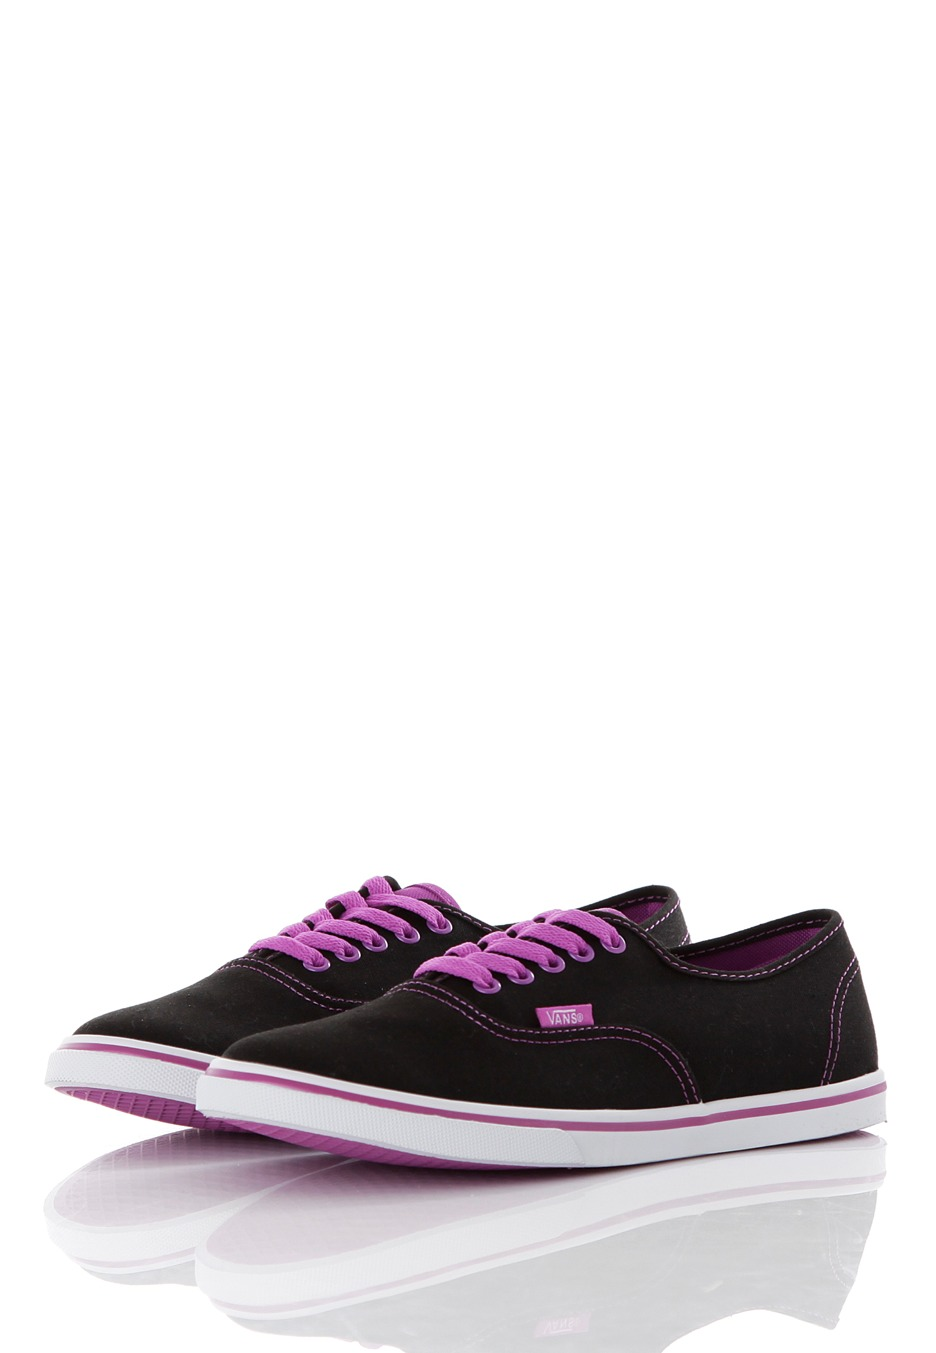 Vans Shoe Authentic Side